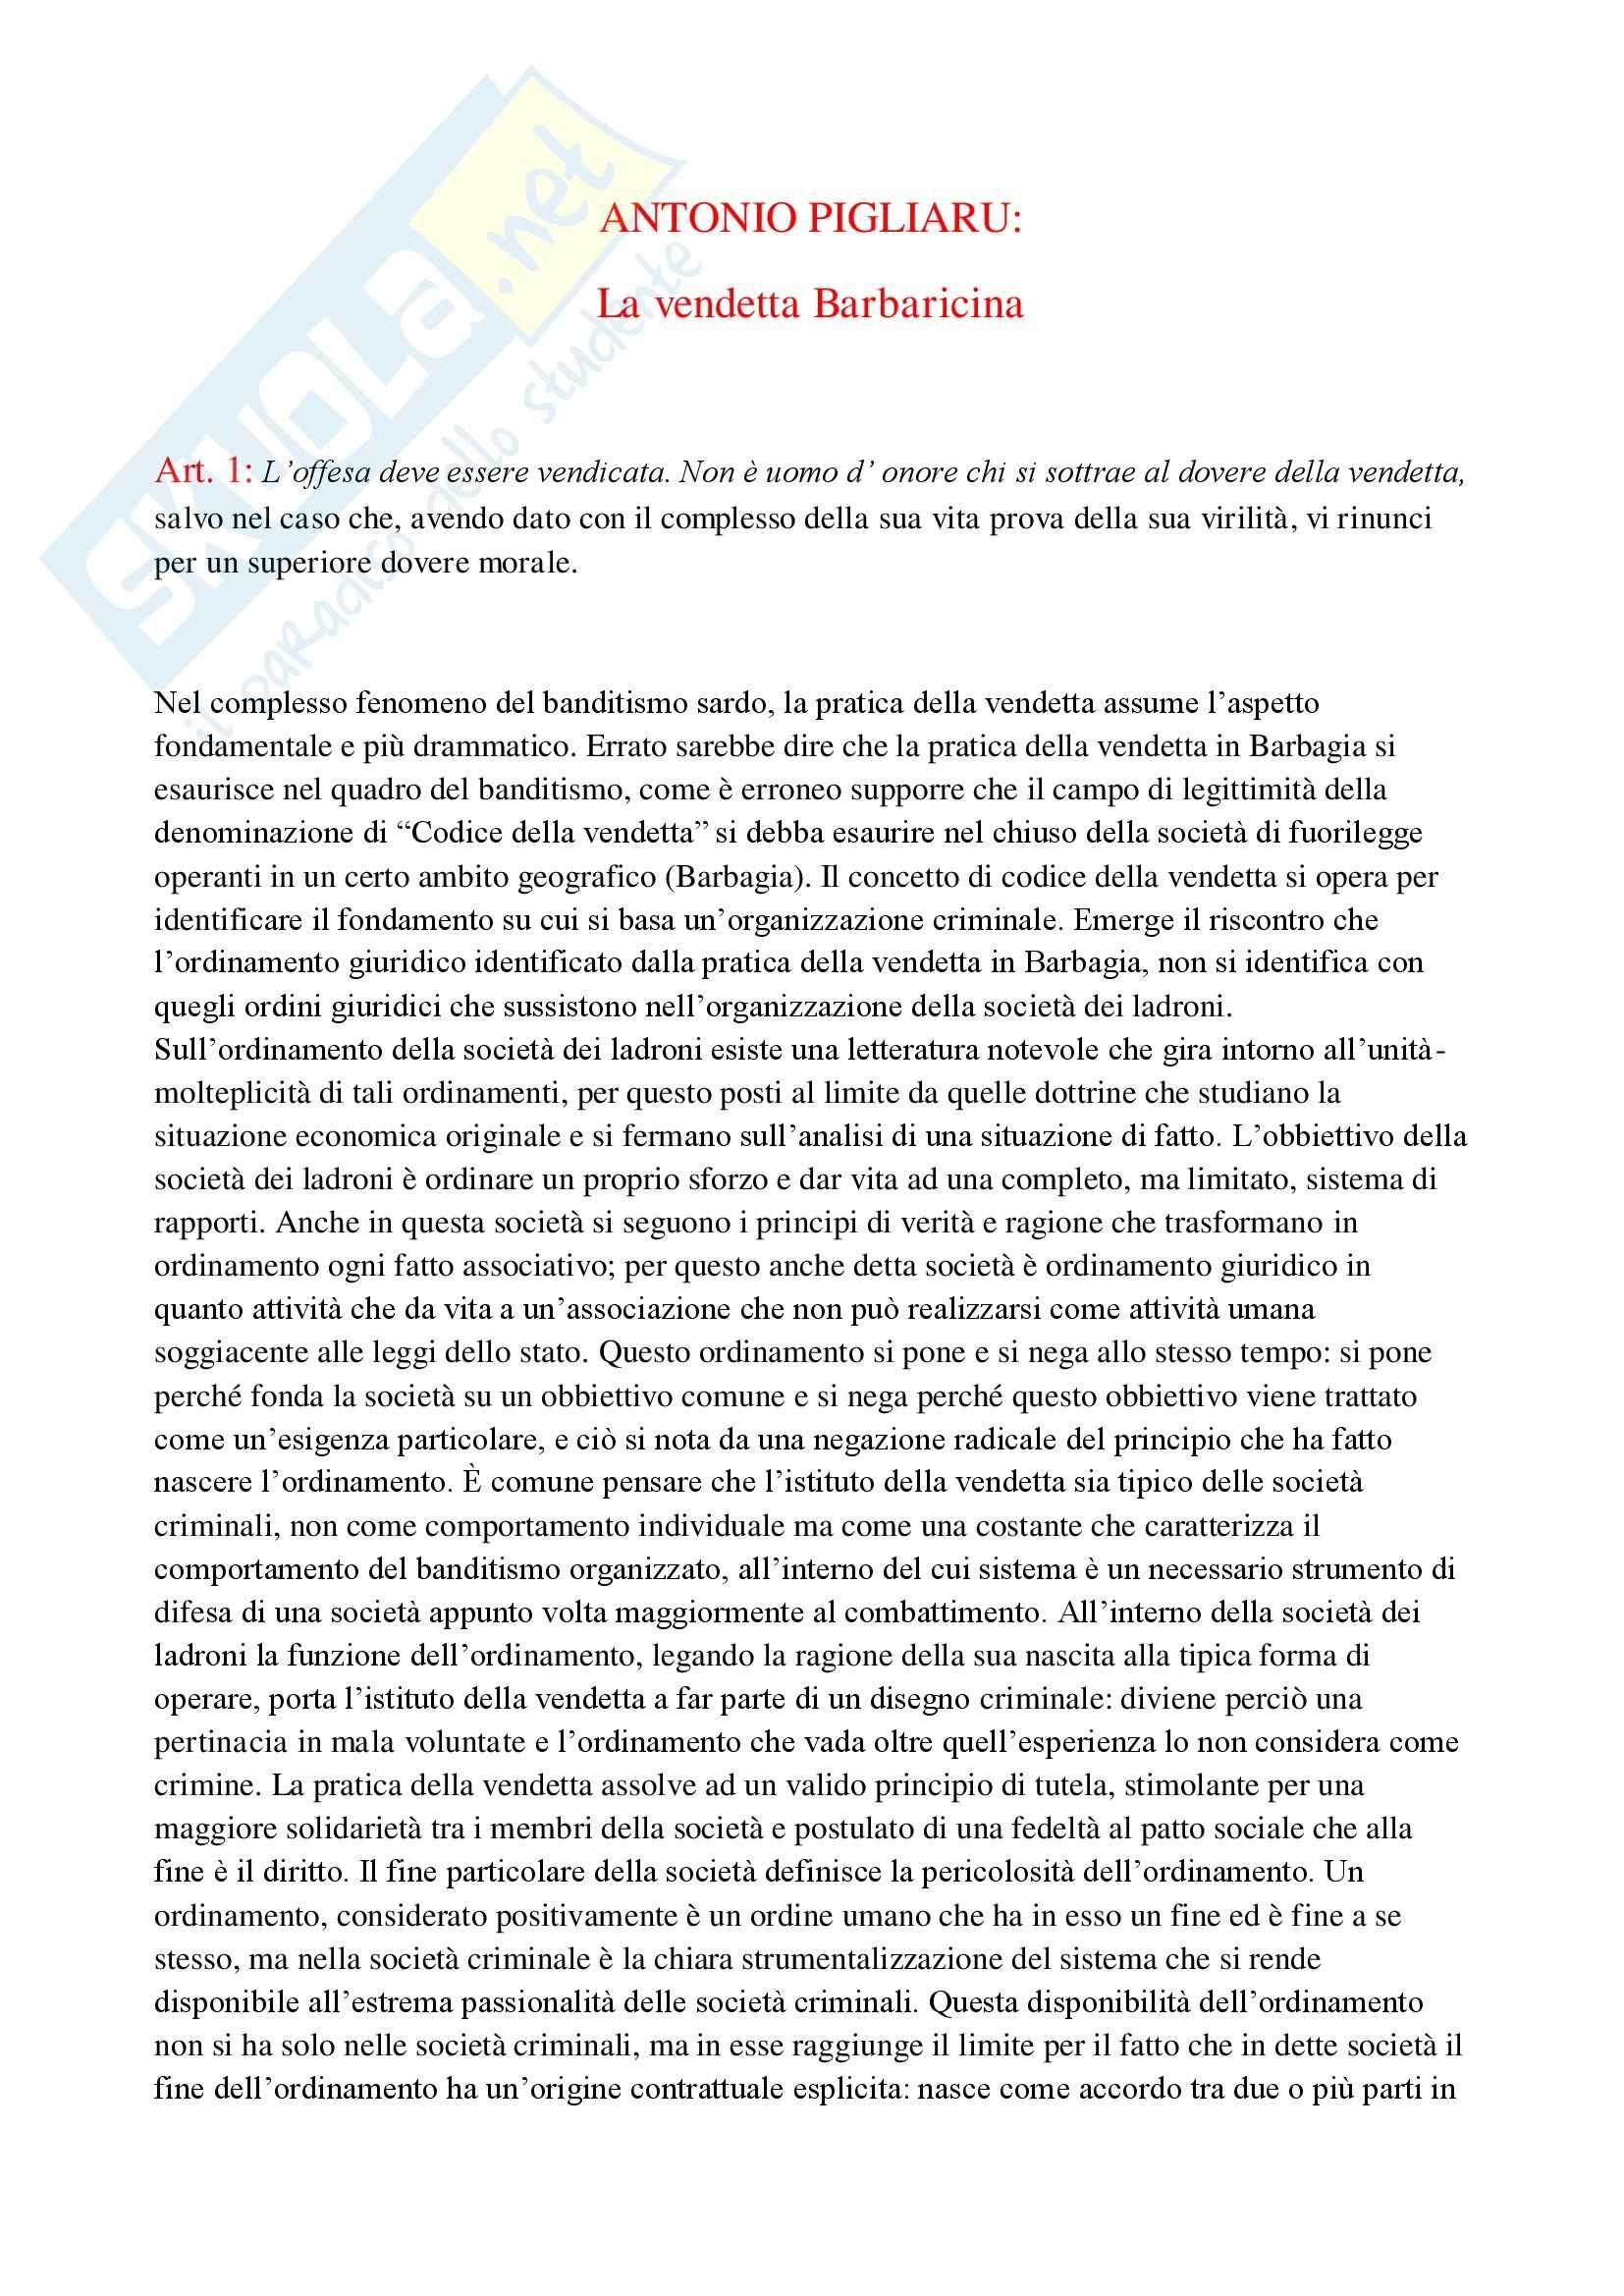 La vendetta barbaricina, Pigliaru - Appunti